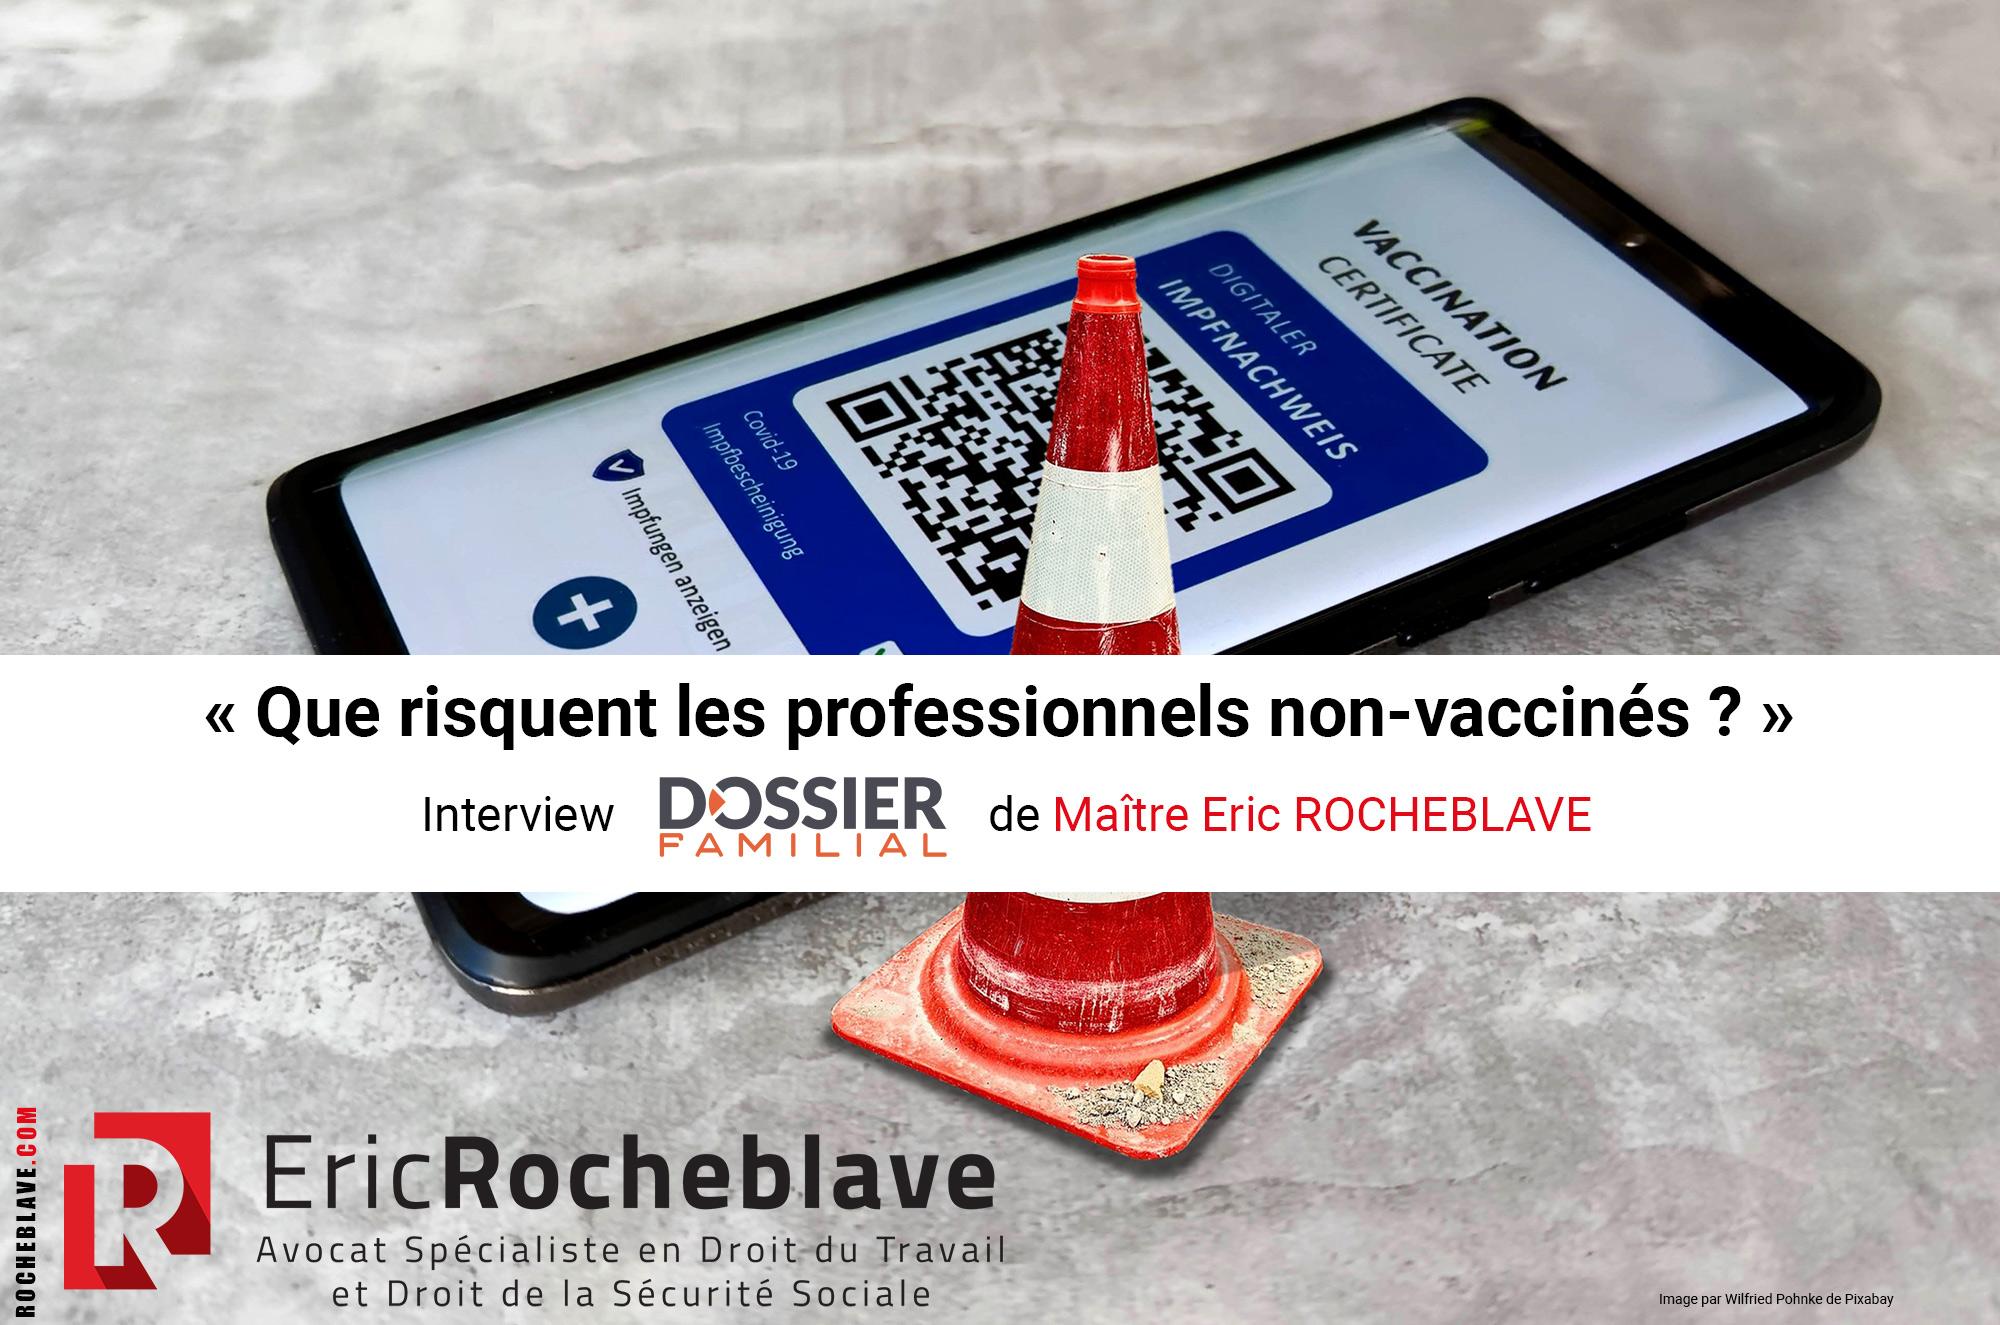 « Que risquent les professionnels non-vaccinés ? » Interview DOSSIER FAMILIAL de Maître Eric ROCHEBLAVE